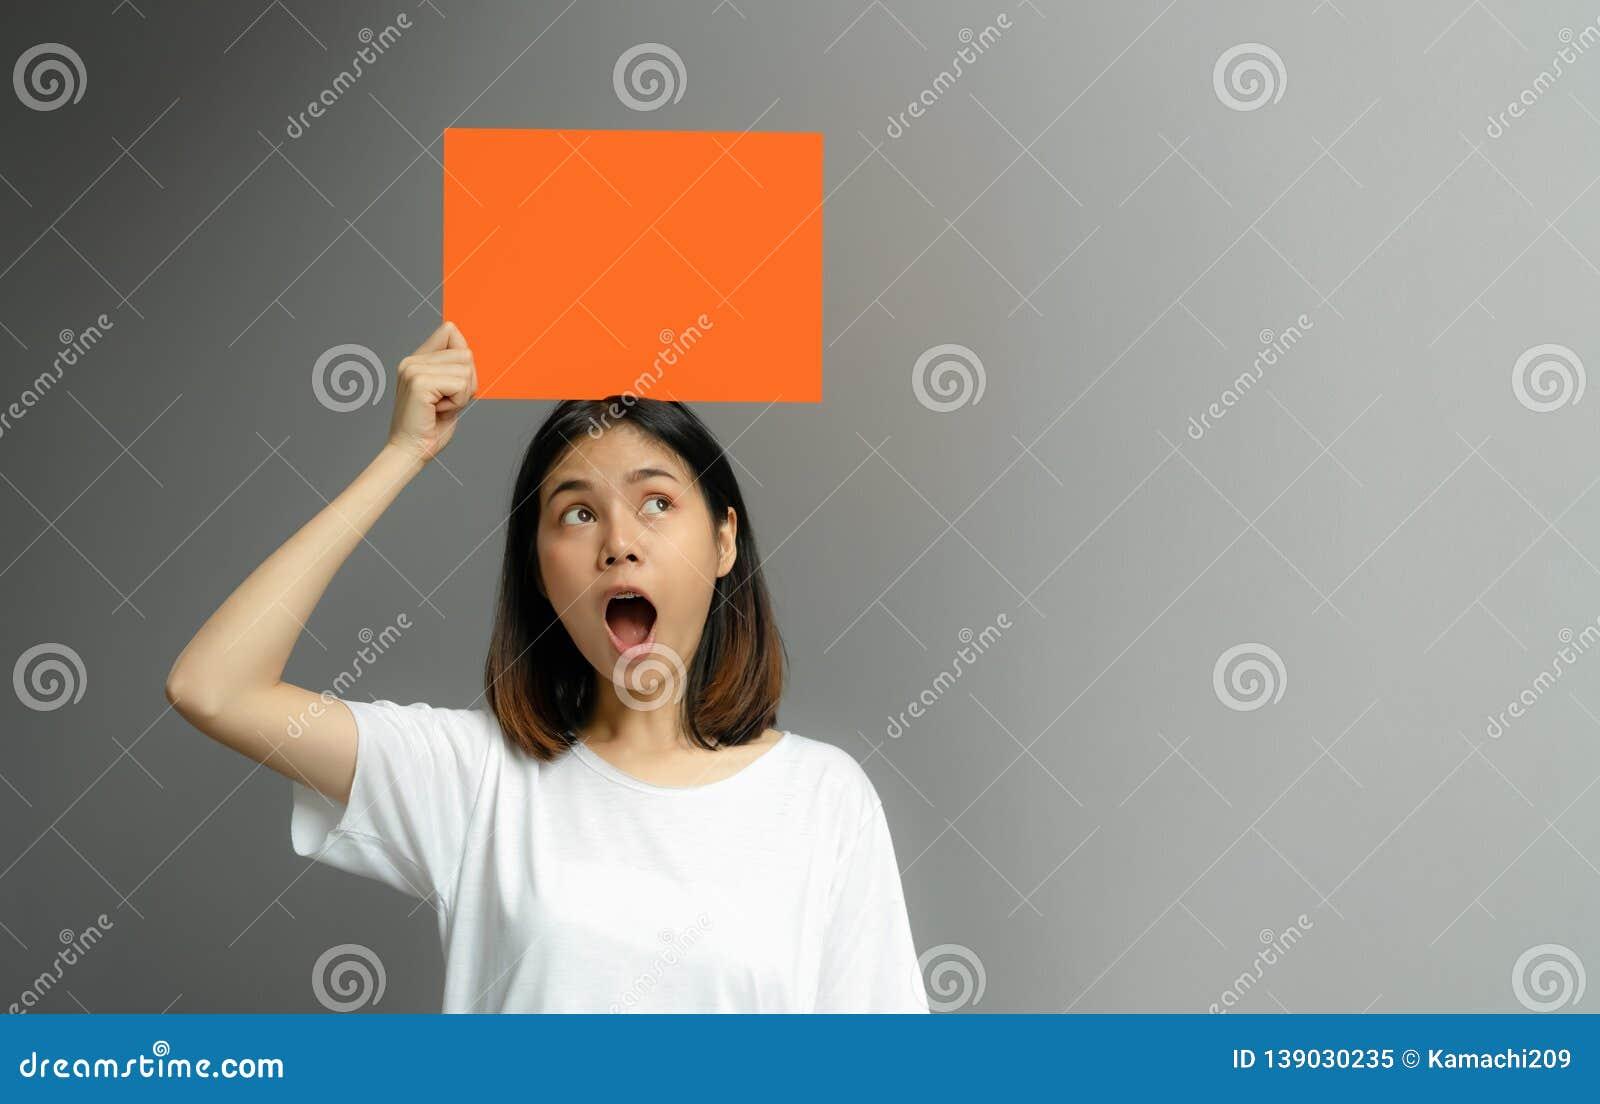 Junge Frau, die ein leeres Plakat für Text auf einem weißen Hintergrund hält